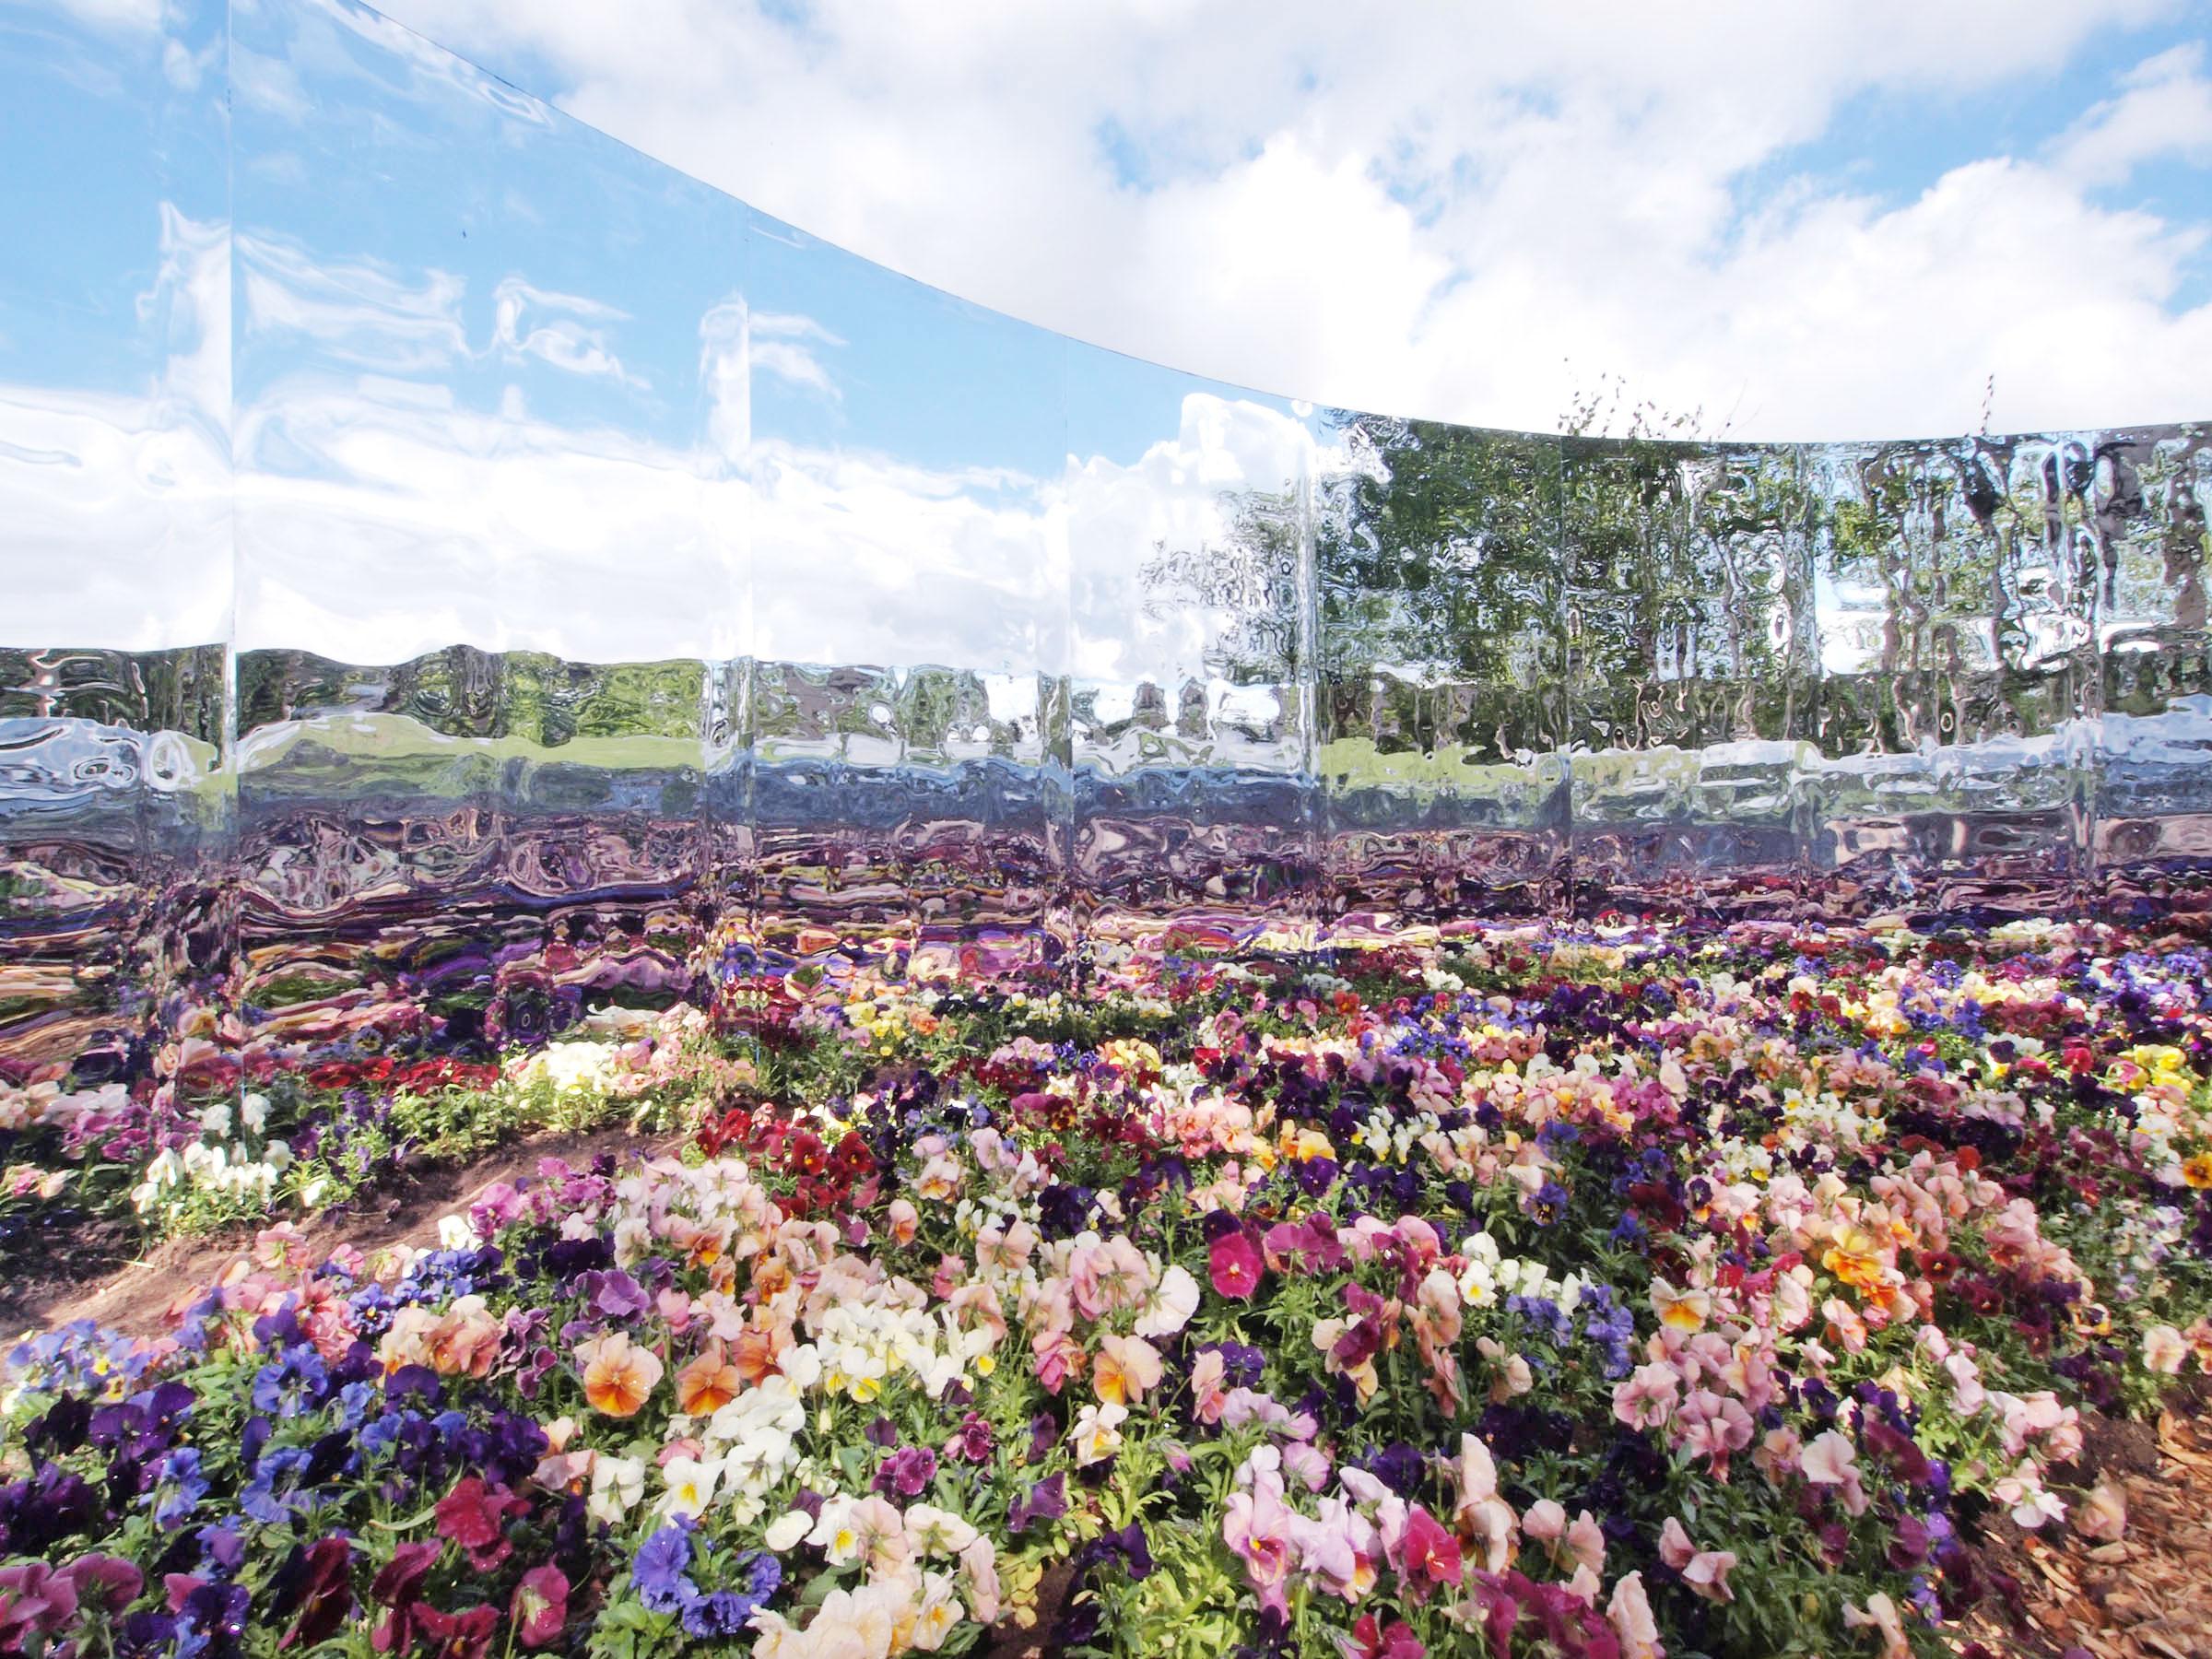 Endless Garden - 大雪森のガーデン/北海道